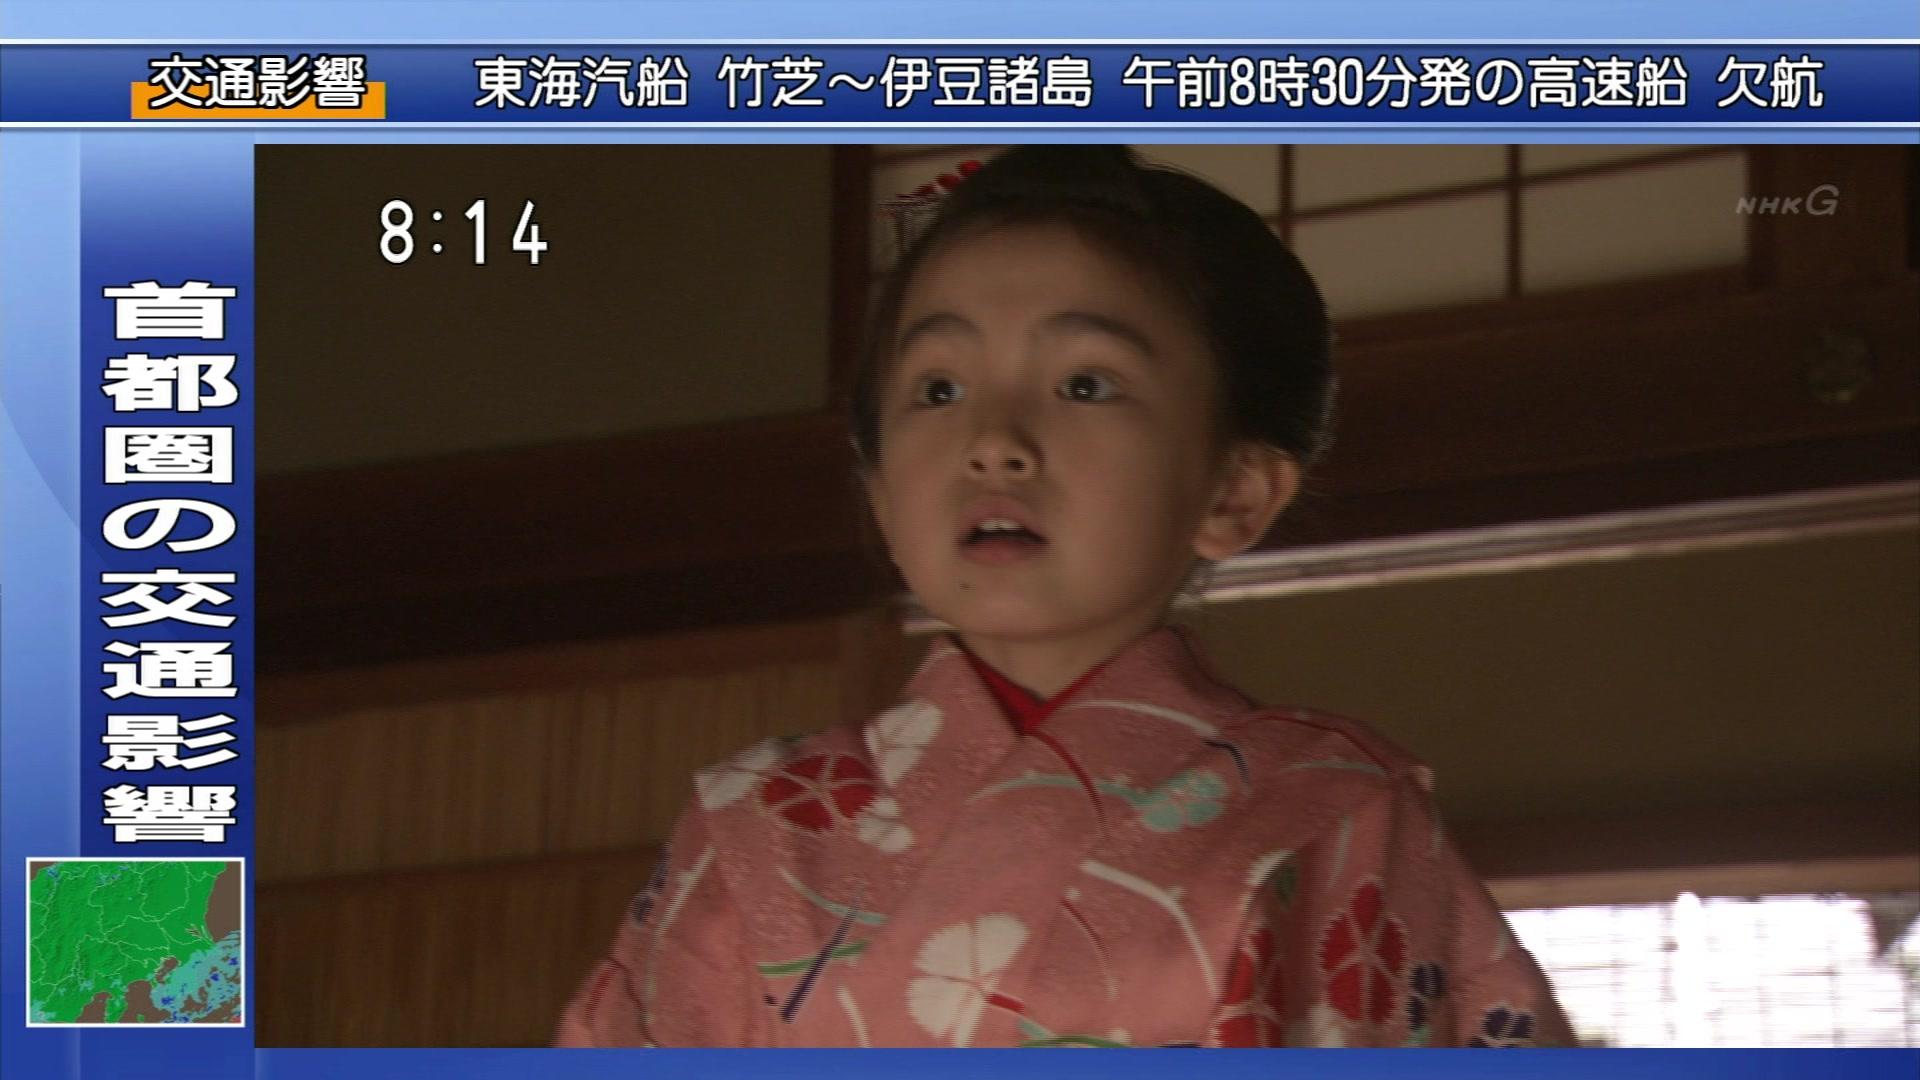 2015-10-02 08:00 連続テレビ小説 あさが来た(5)「小さな許嫁(いいなずけ)」 2685